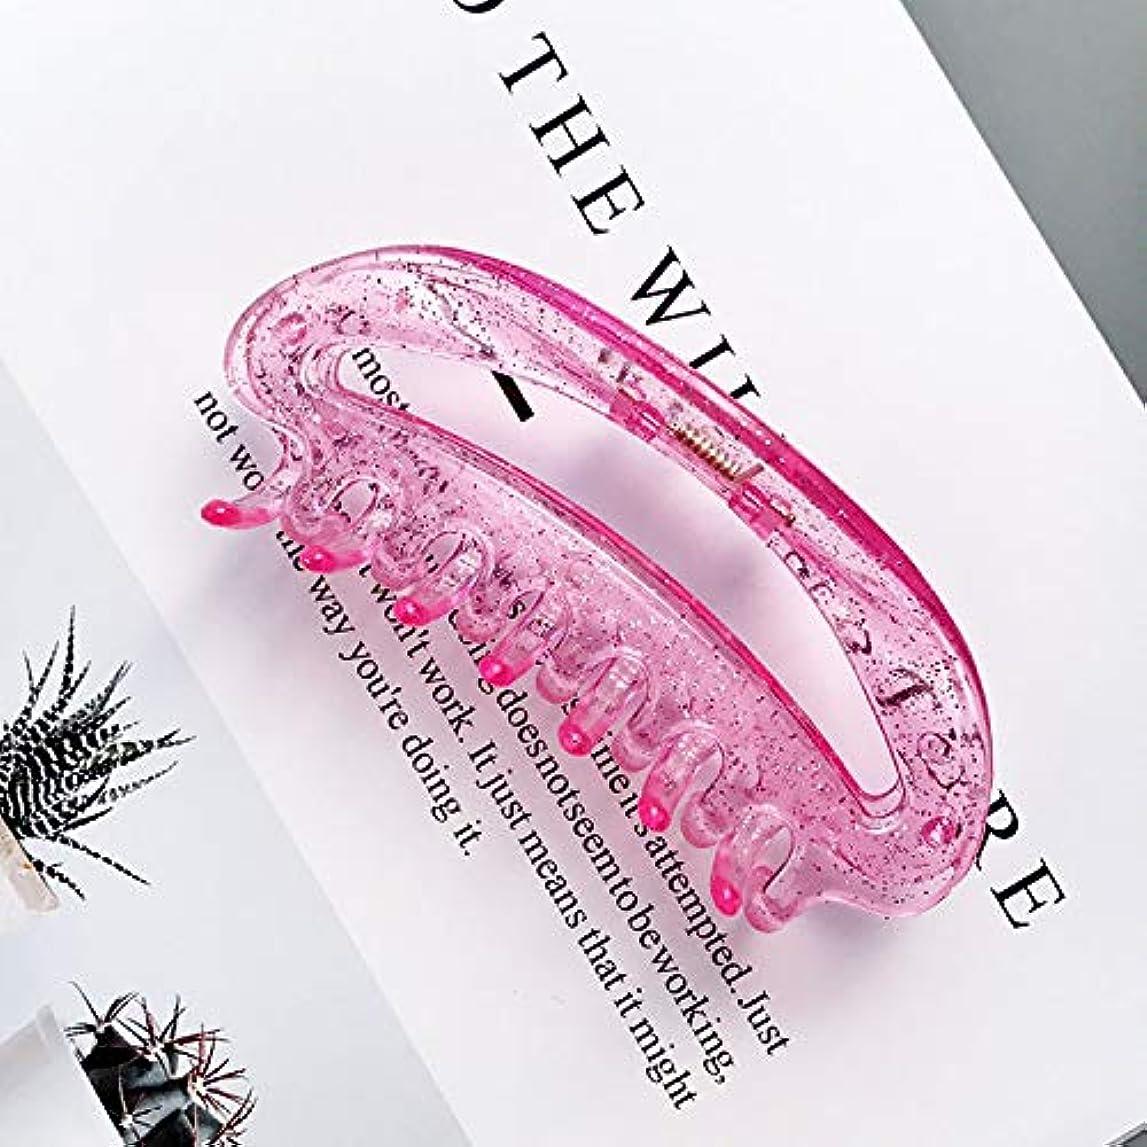 ほとんどないトン一掃するHuaQingPiJu-JP 1Pc DIYマジックヘア女性の女の子ヘアピンヘアクリップディナーパーティーヘアスタイルツールアクセサリー(ピンク)